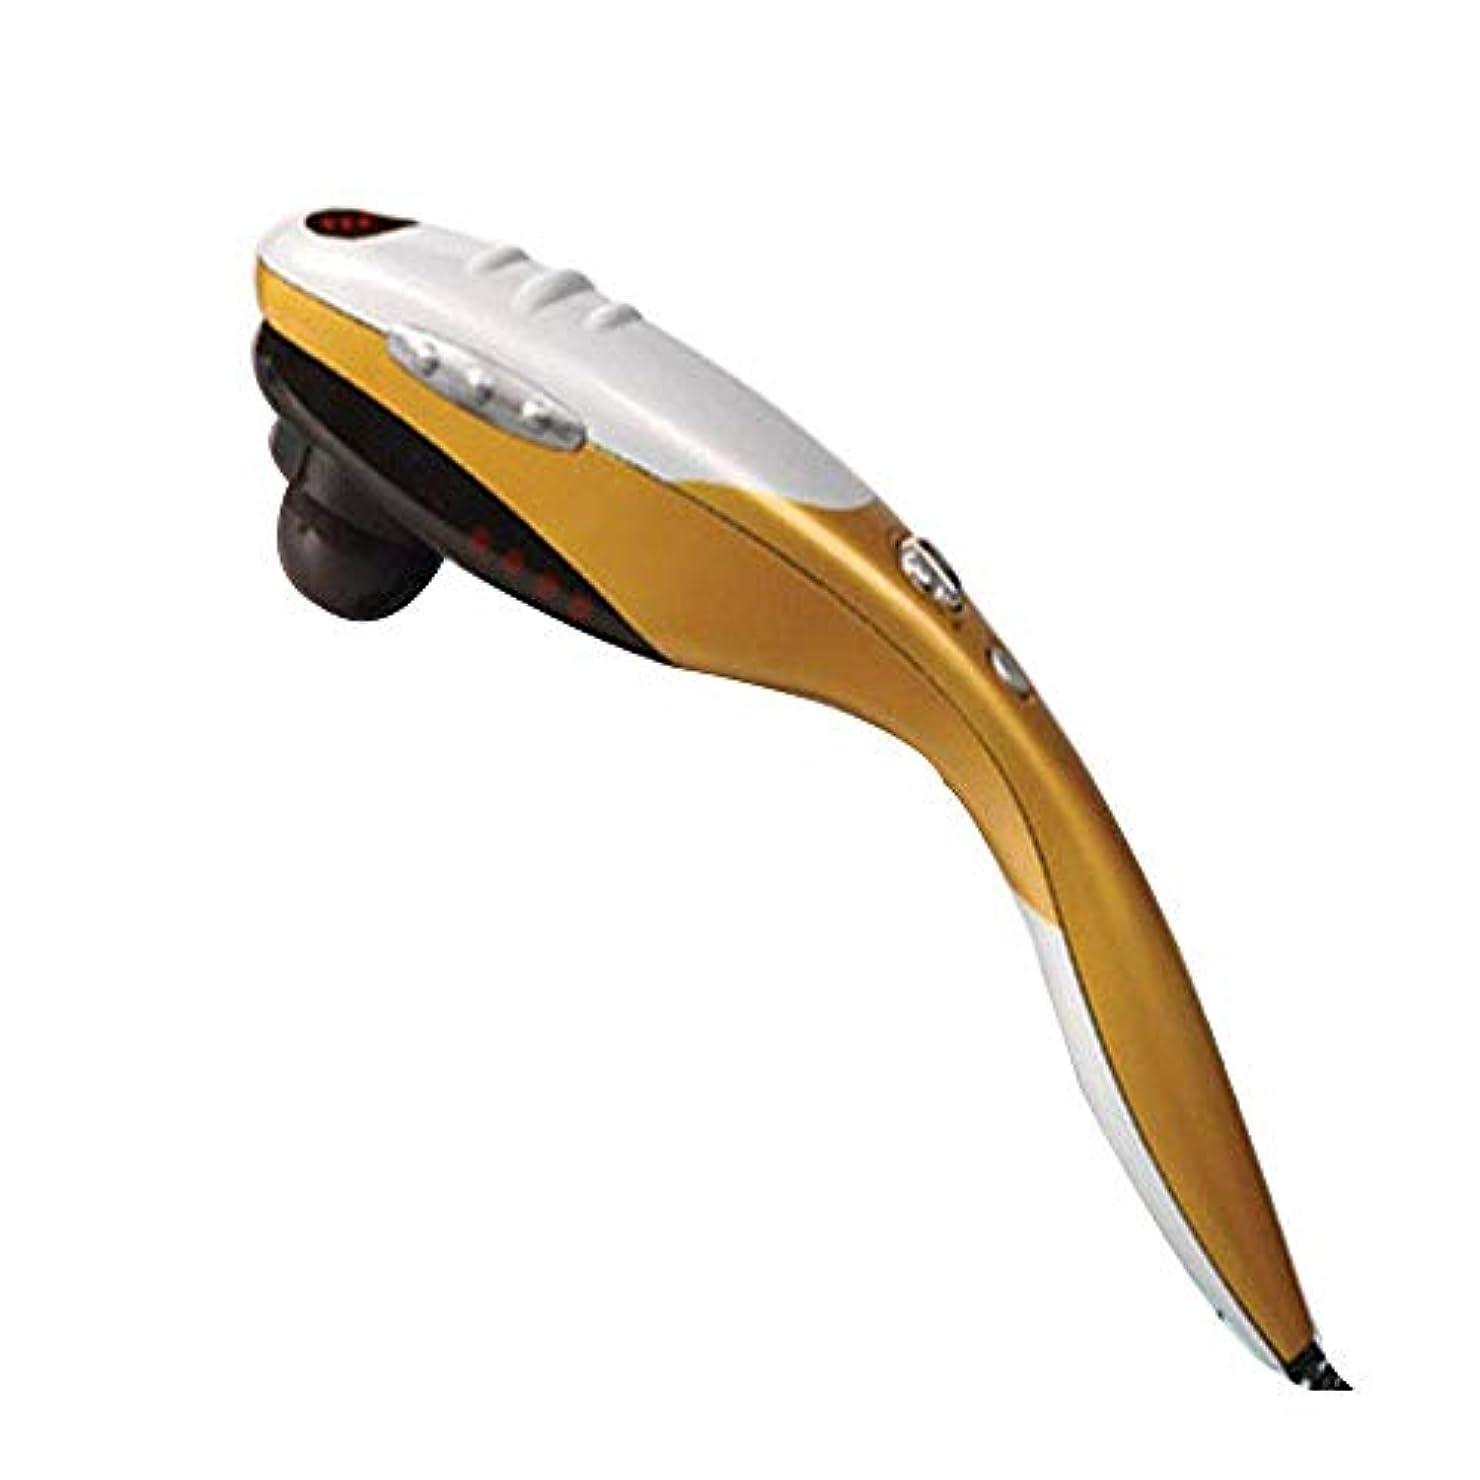 ロゴ王子祝福するGWM 多機能マッサージ器電動マッサージ無限可変頚部マッサージ器振動赤外線温熱療法マッサージハンマー、(イエロー)